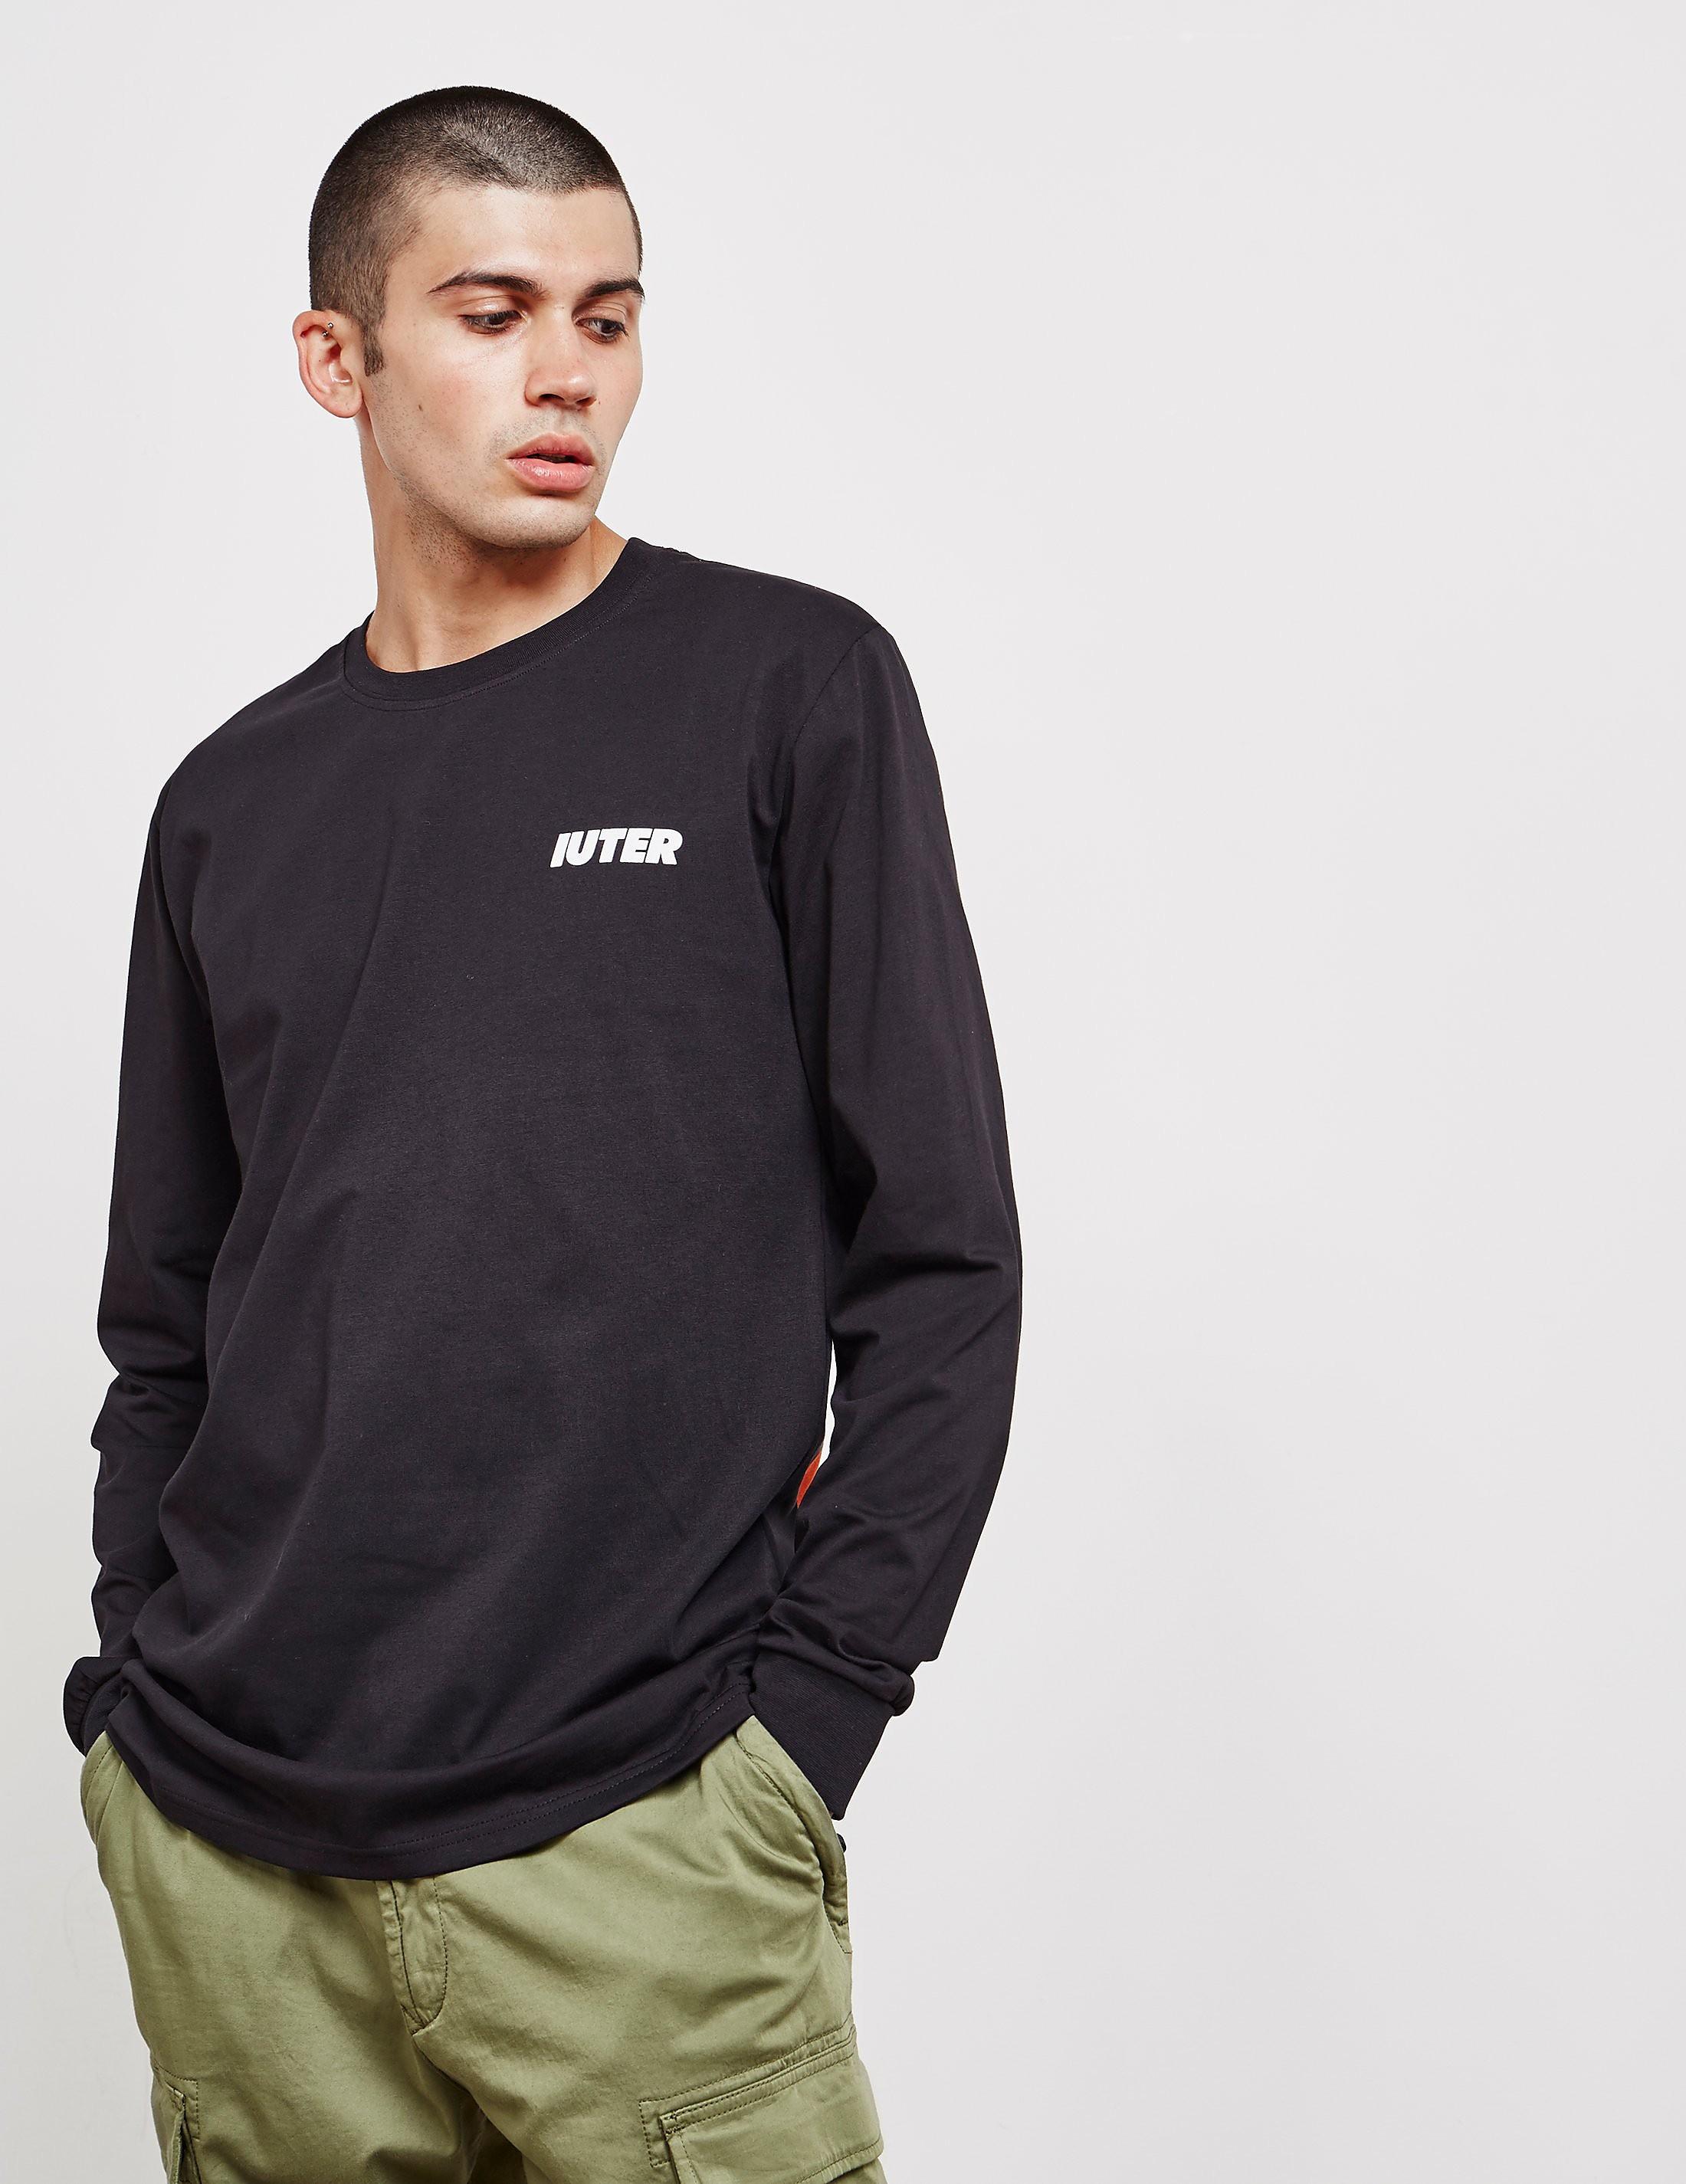 IUTER Panther Long Sleeve T-Shirt - Exclusive